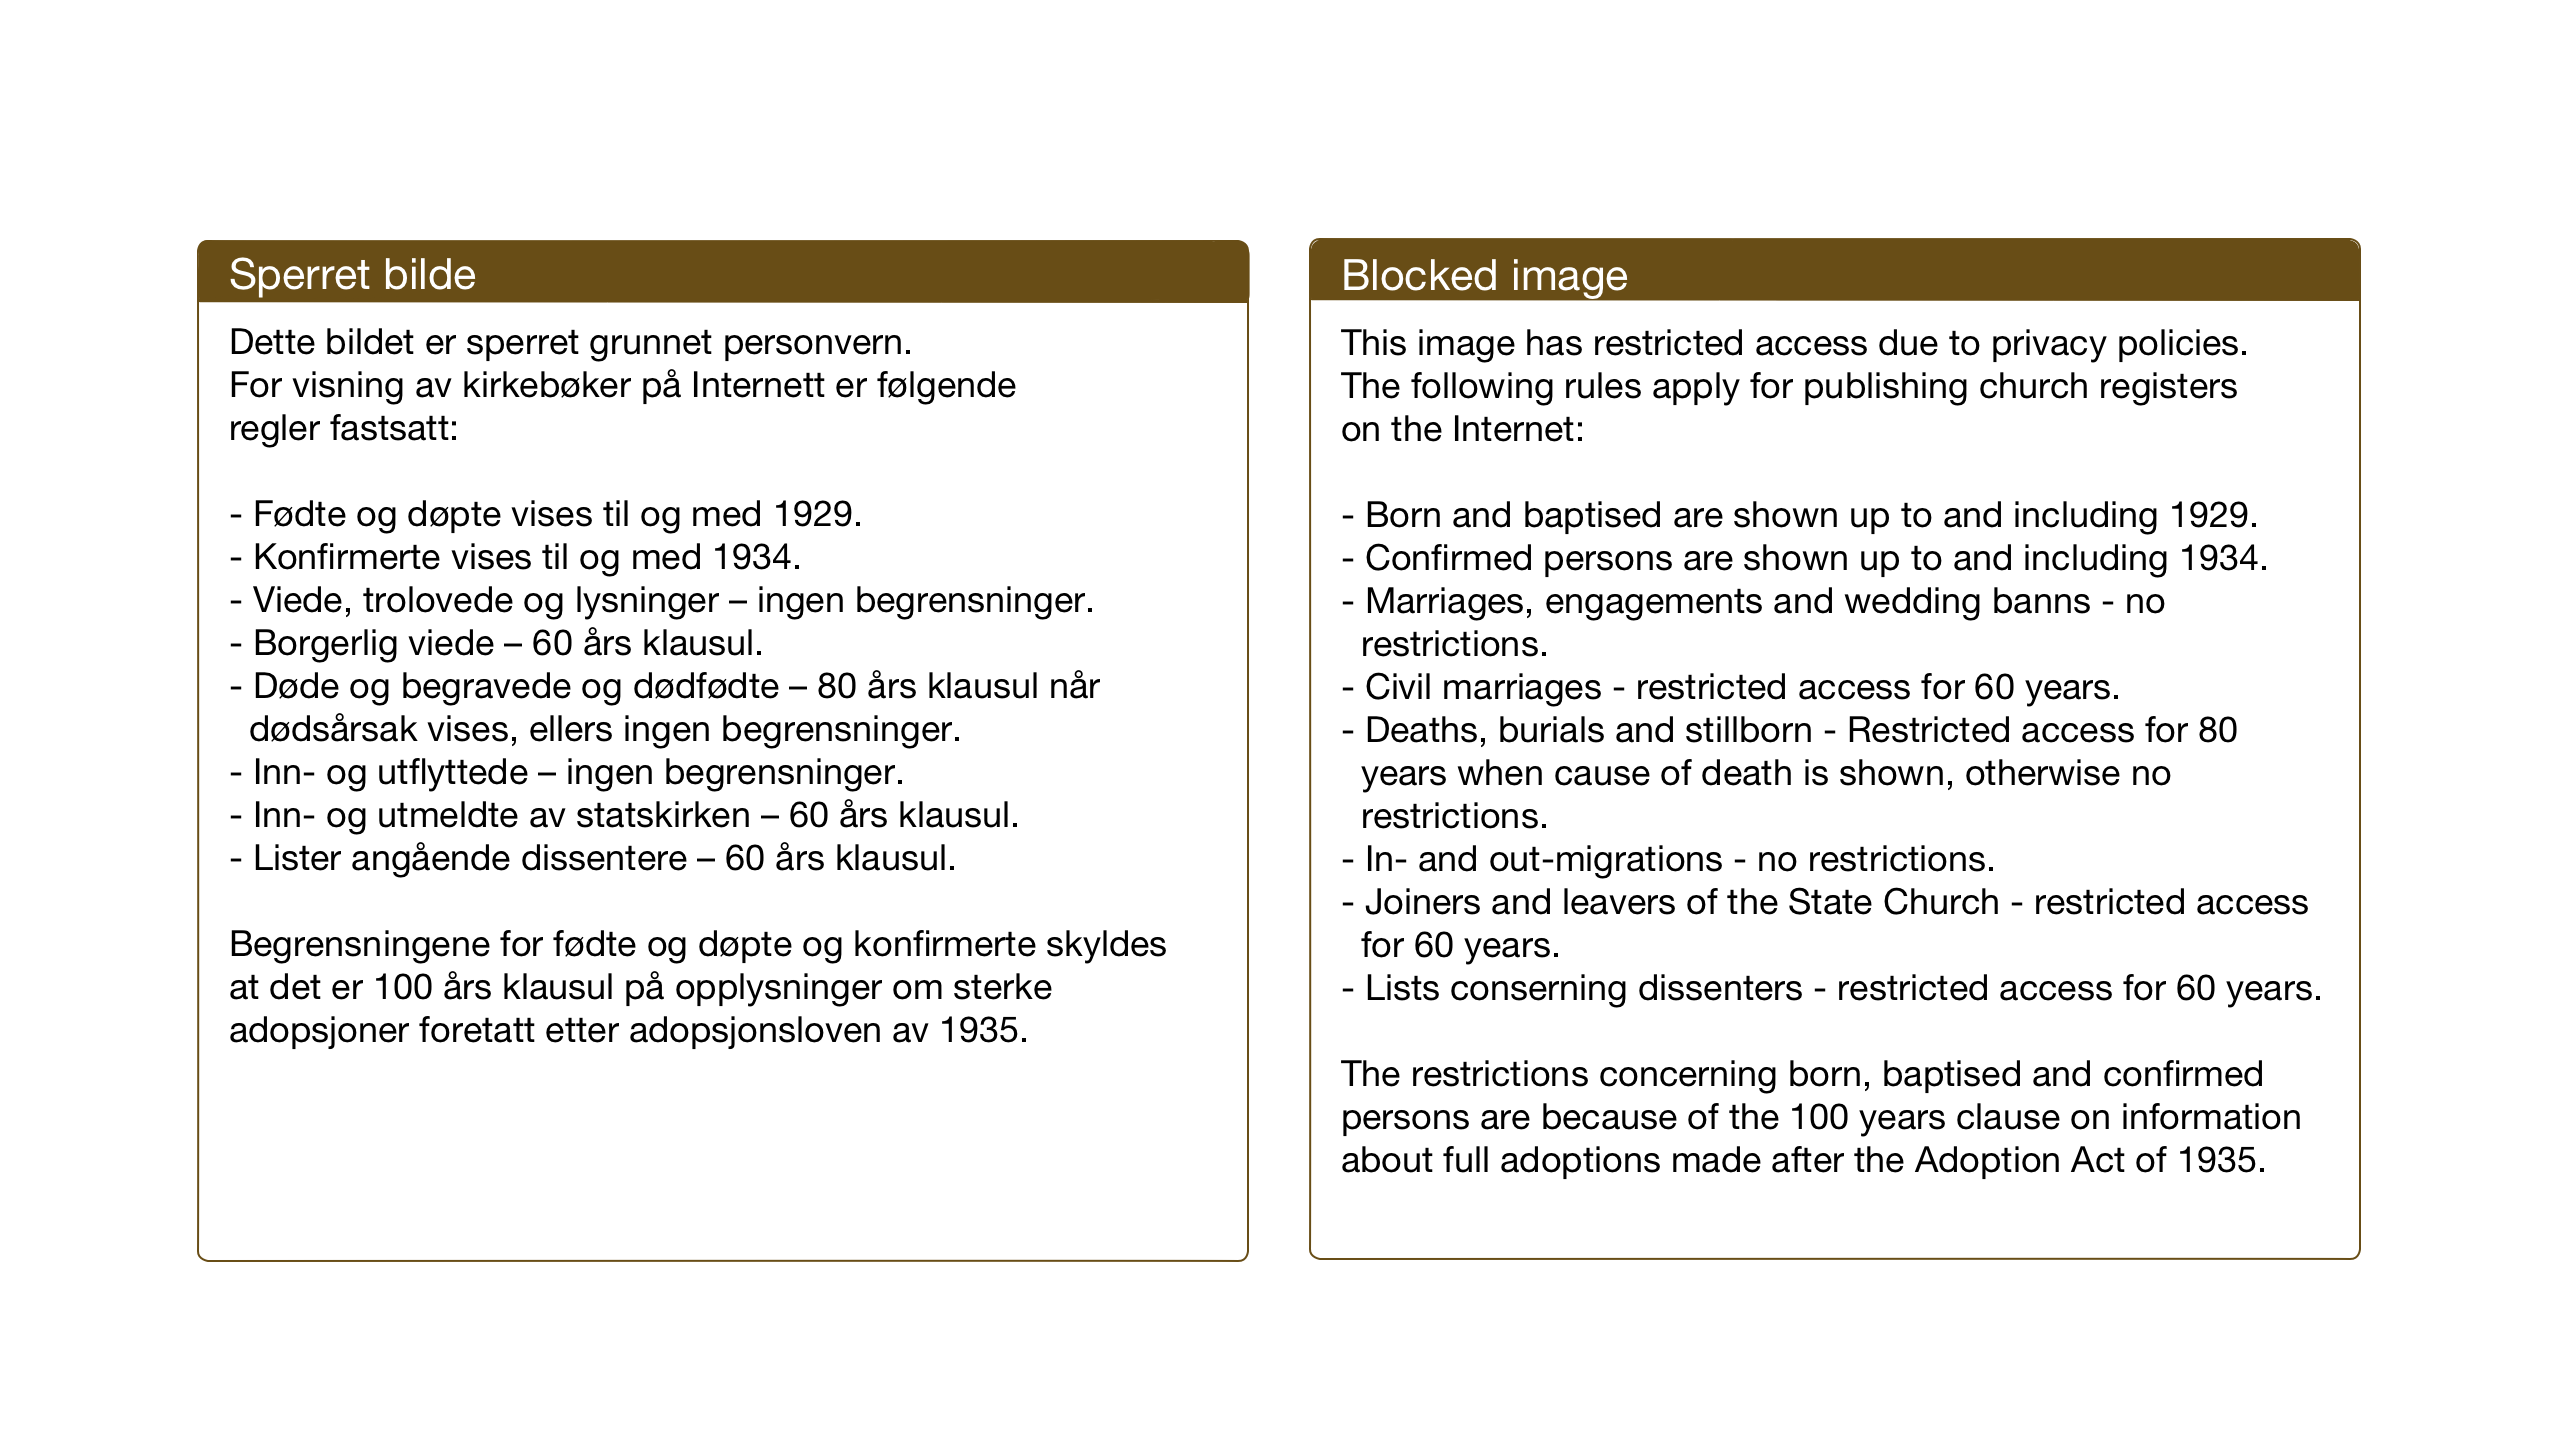 SAT, Ministerialprotokoller, klokkerbøker og fødselsregistre - Sør-Trøndelag, 638/L0569: Klokkerbok nr. 638C01, 1923-1961, s. 100